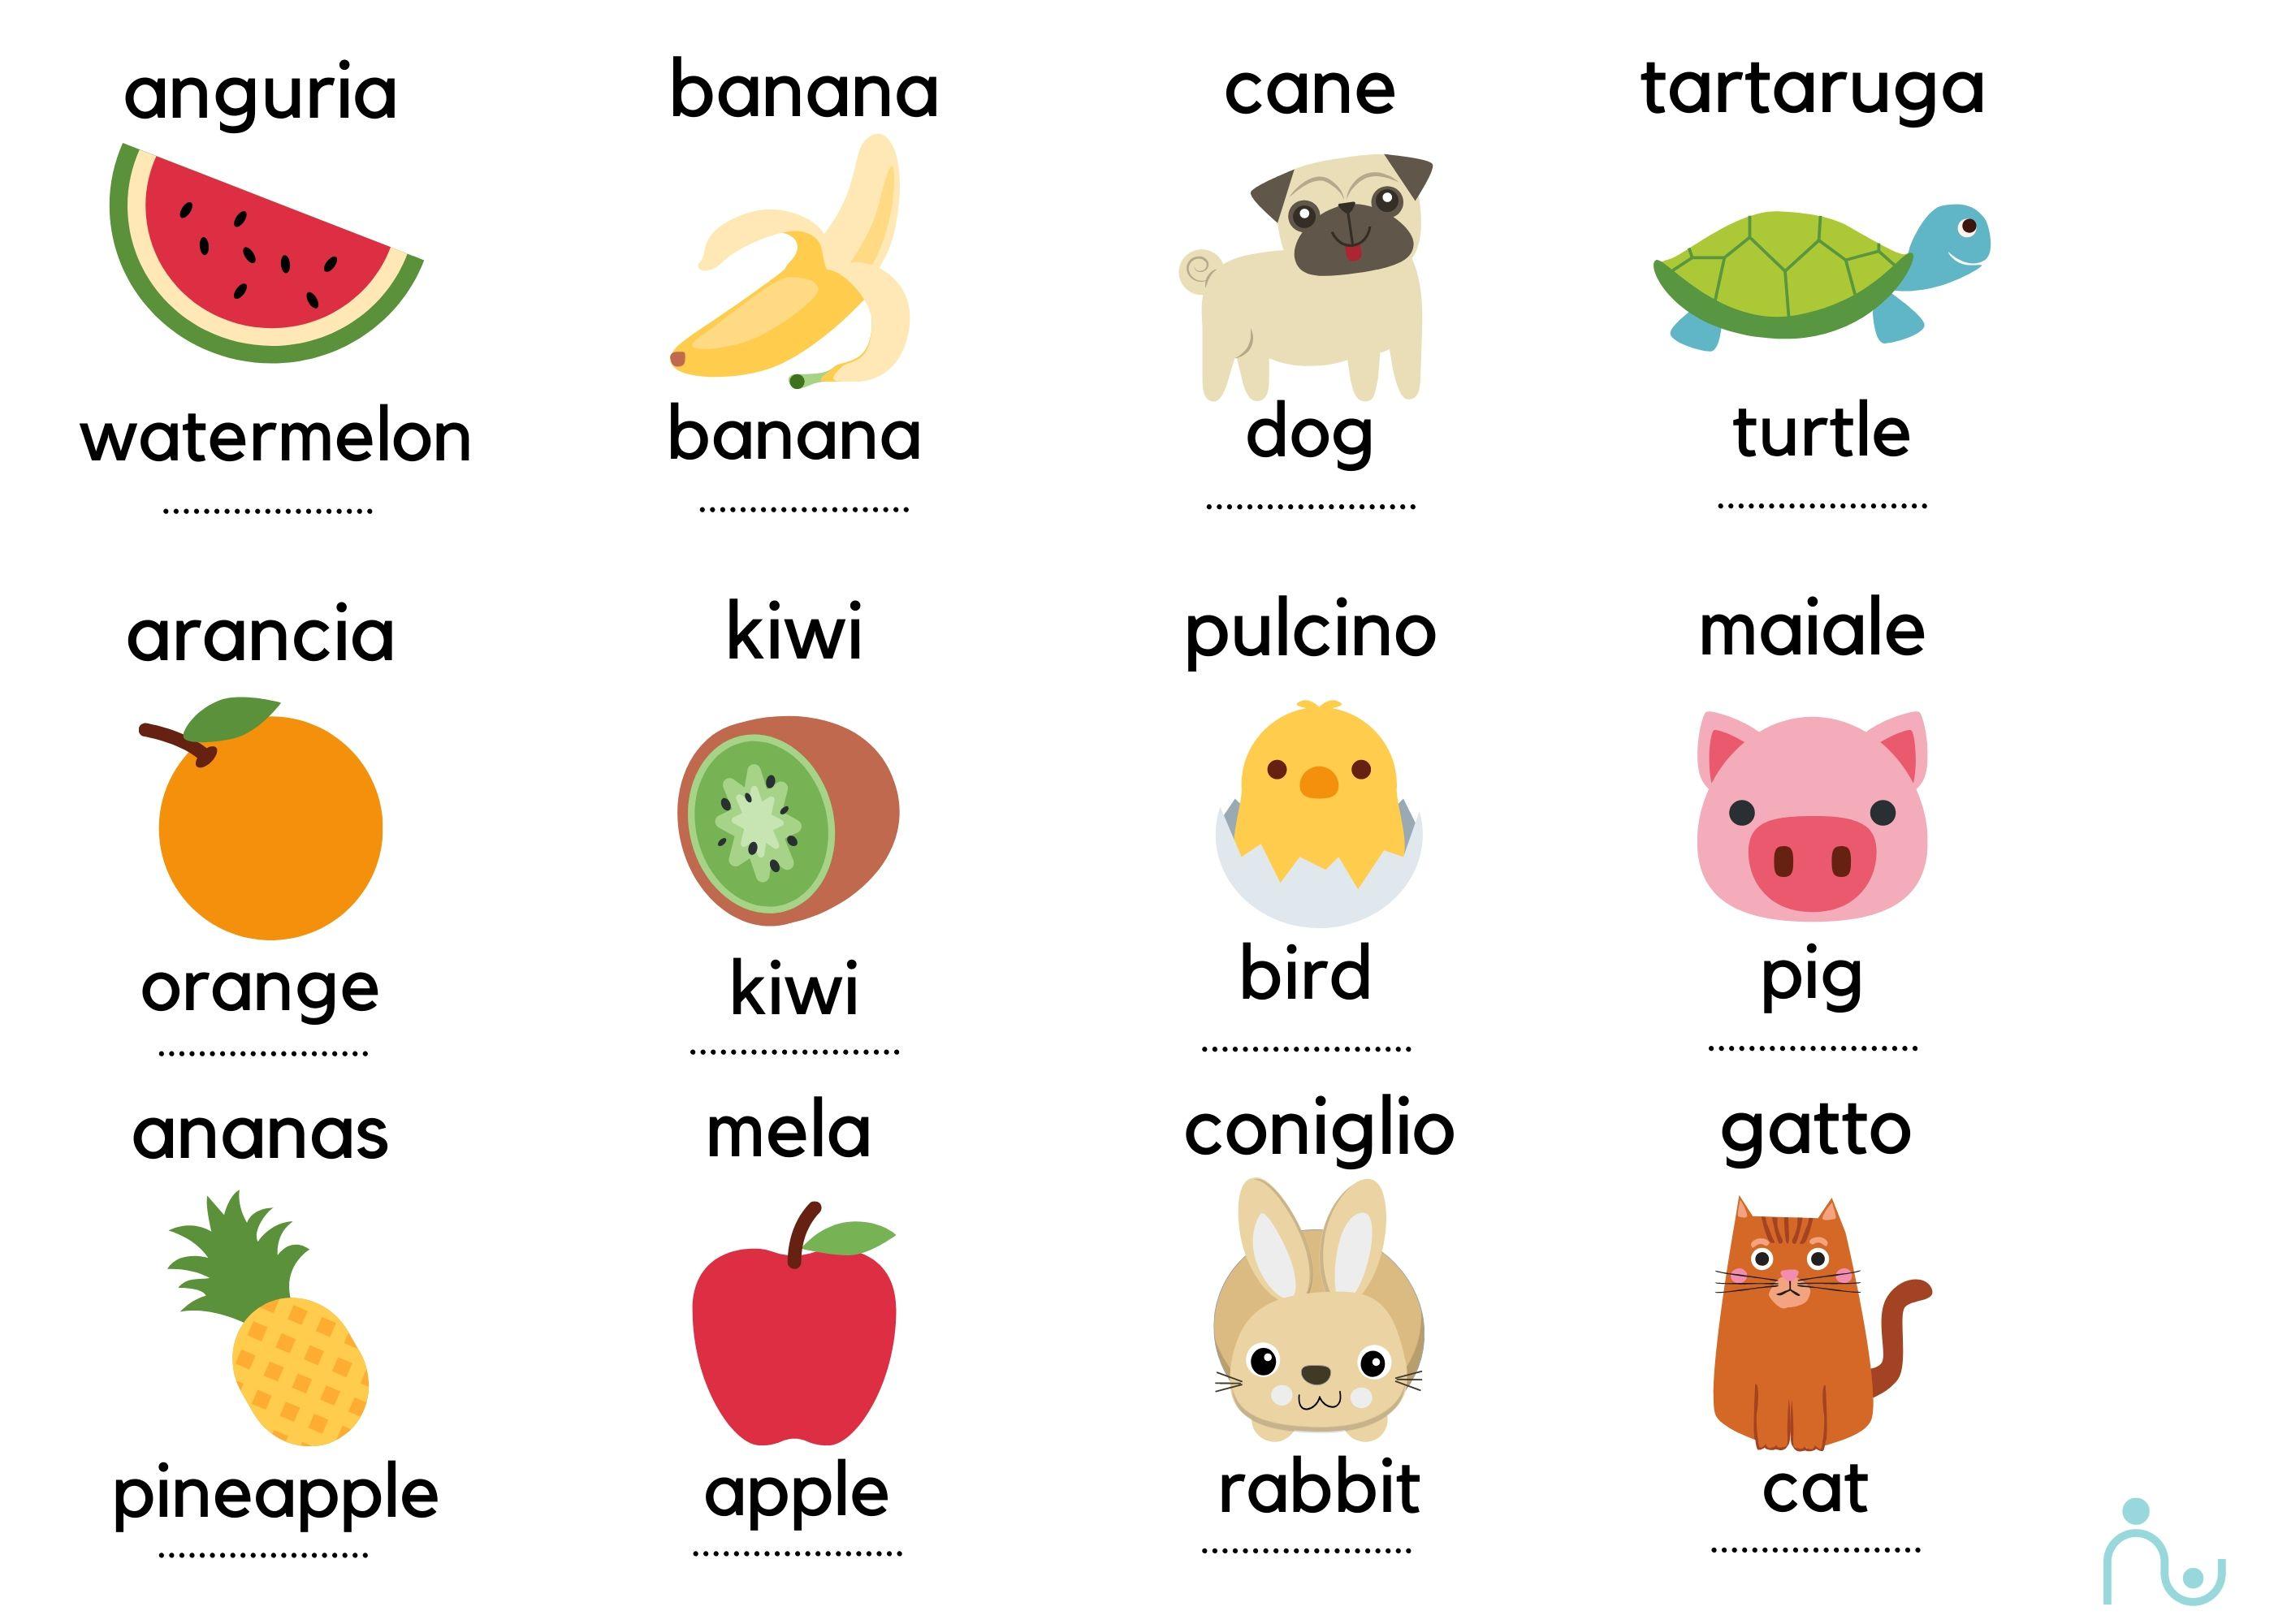 Attività creative per bambini: impara l'inglese con frutta e animali